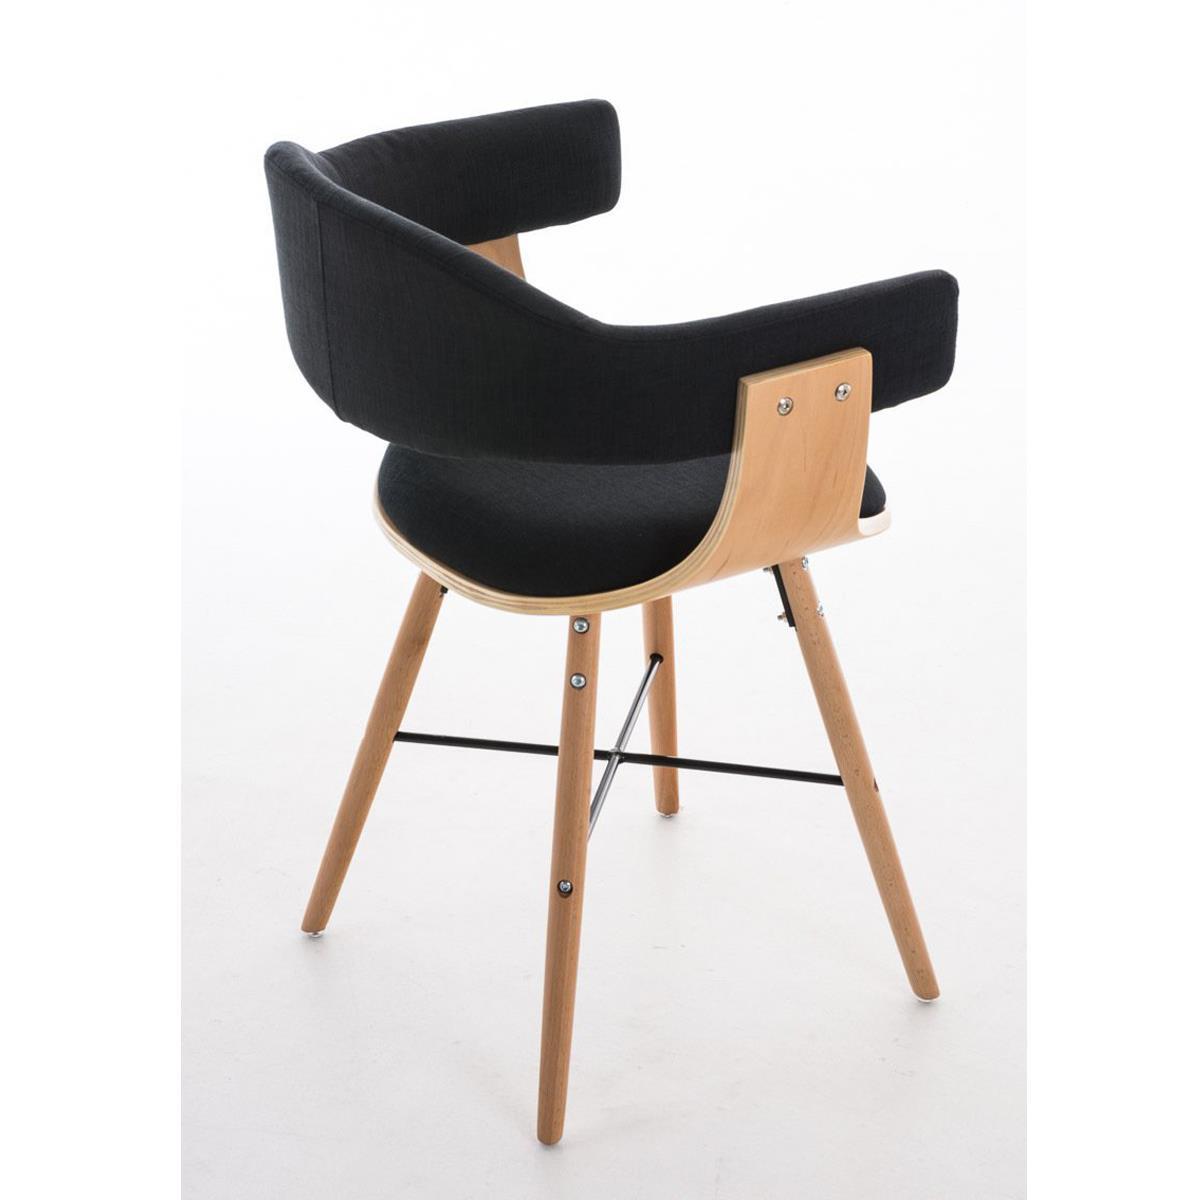 Conjunto de 4 sillas de comedor albatros en tela color negro y estructura de madera natural for Comedor 4 sillas madera